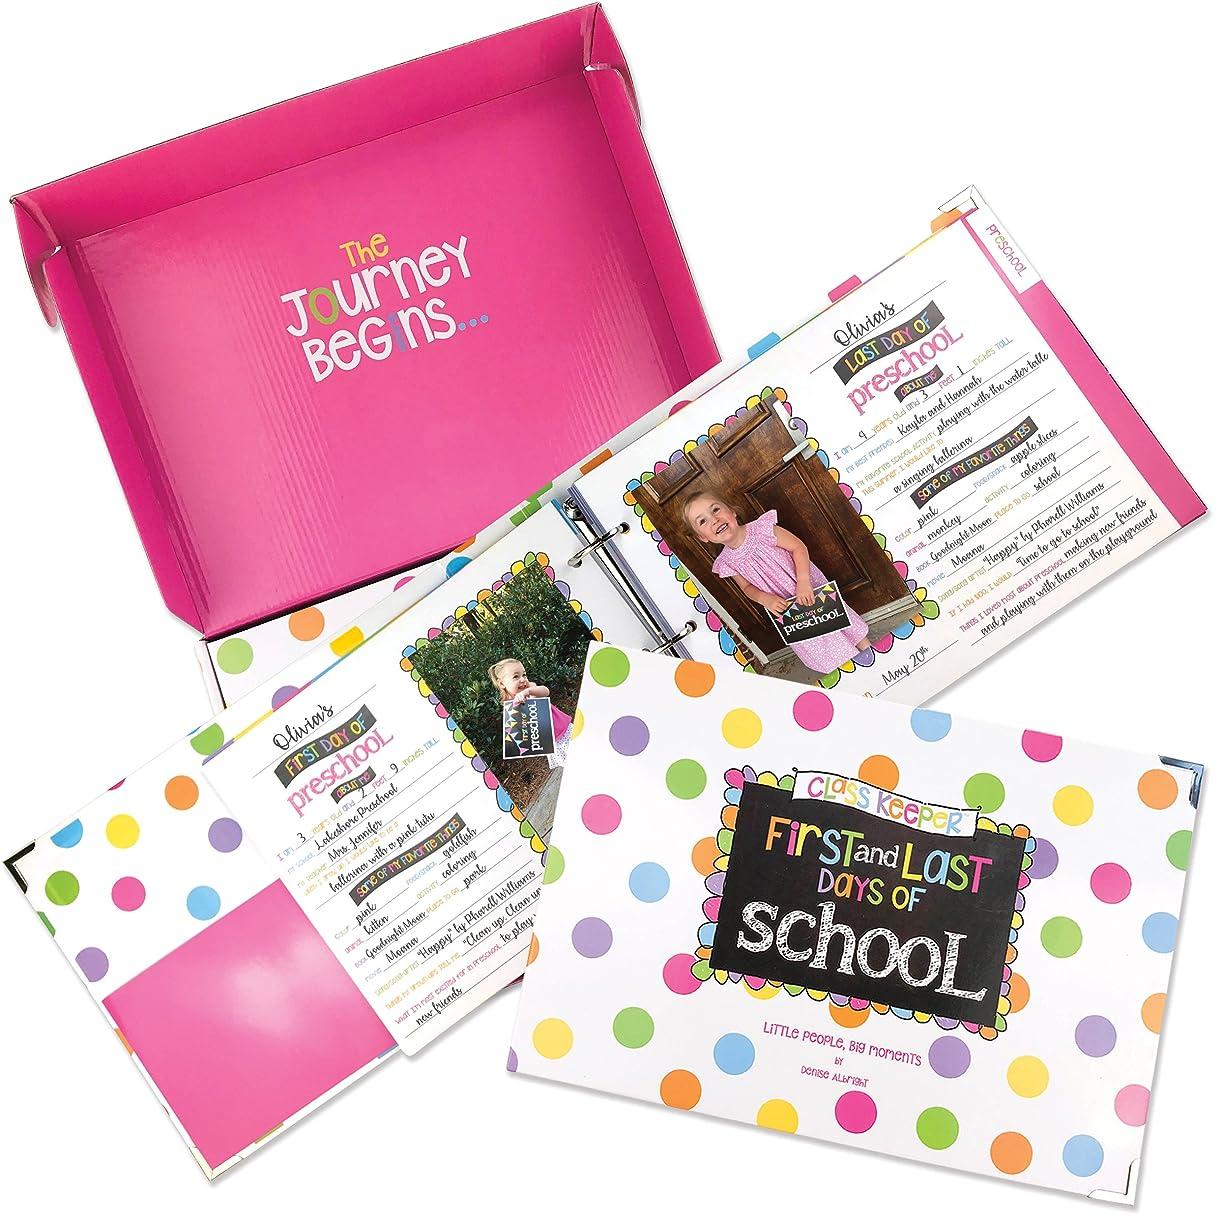 初期間違いなく気配りのあるクラスキーパー 学校メモリー ブック | スクラップブック アルバム 子供用 - 幼稚園から大学まで | 全学年生の記念品ポケット | クラス写真と学校の写真用フォトページ